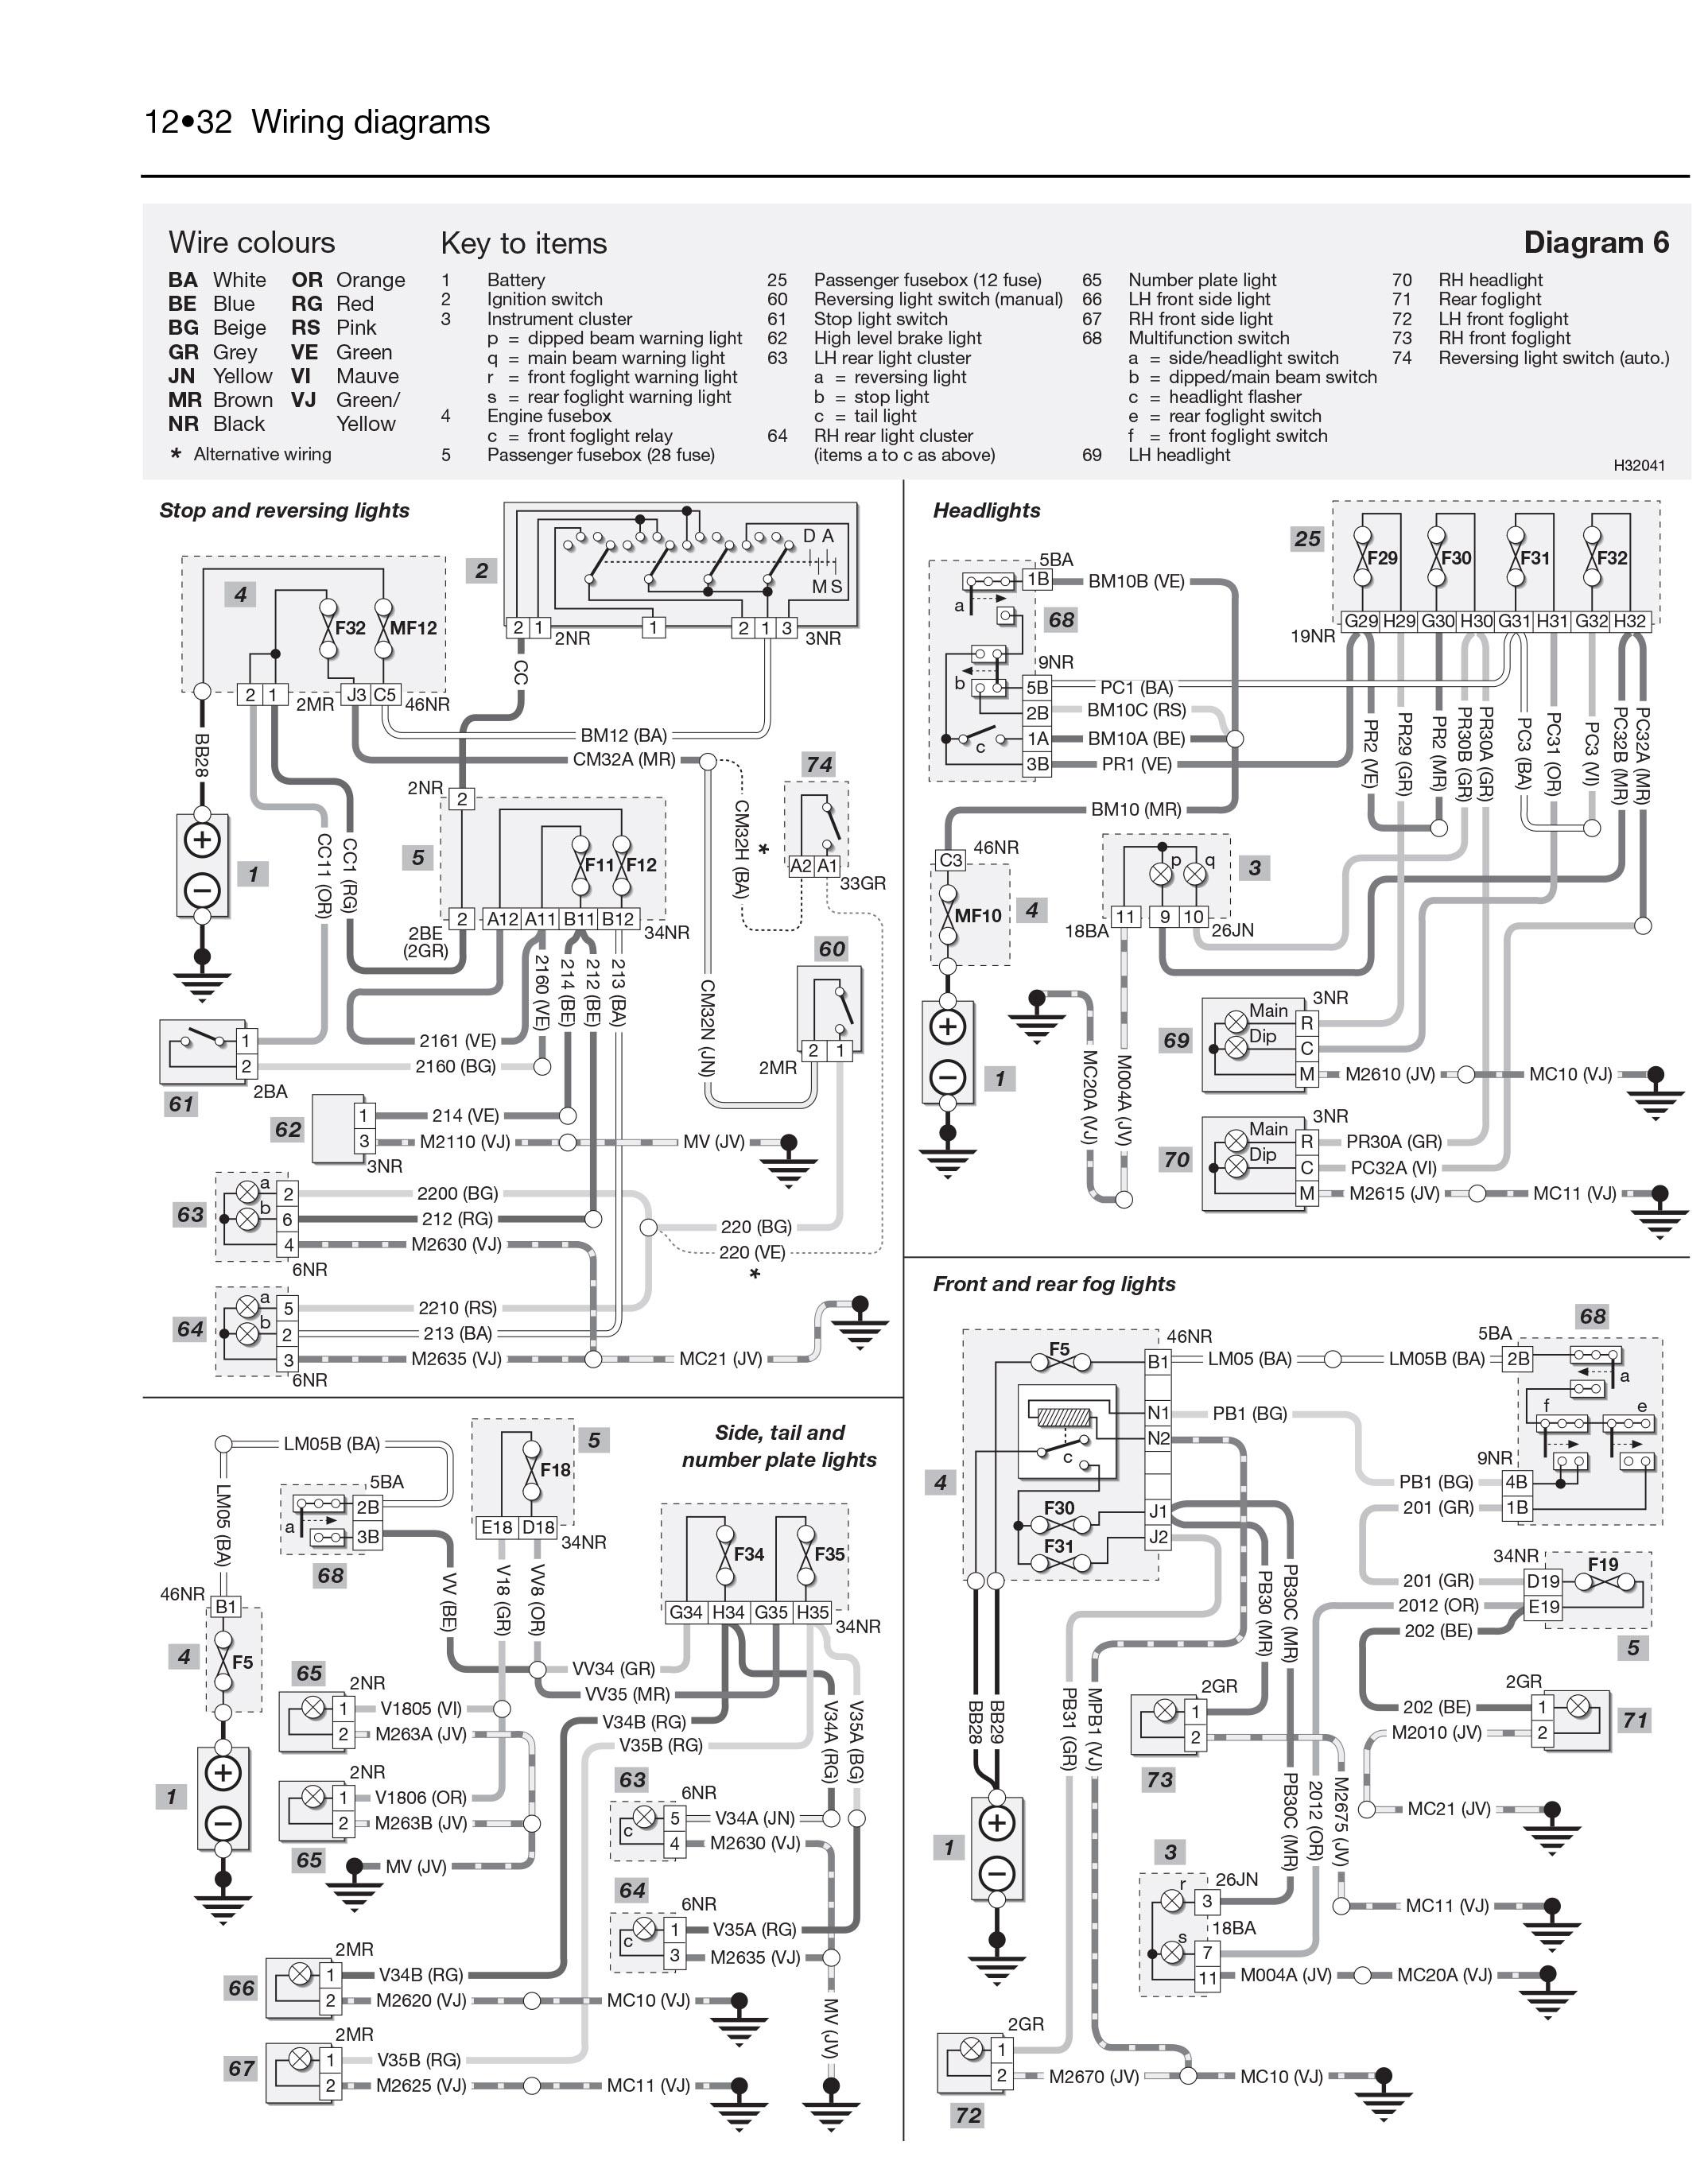 Peugeot 206 Wiring Diagram Pdf